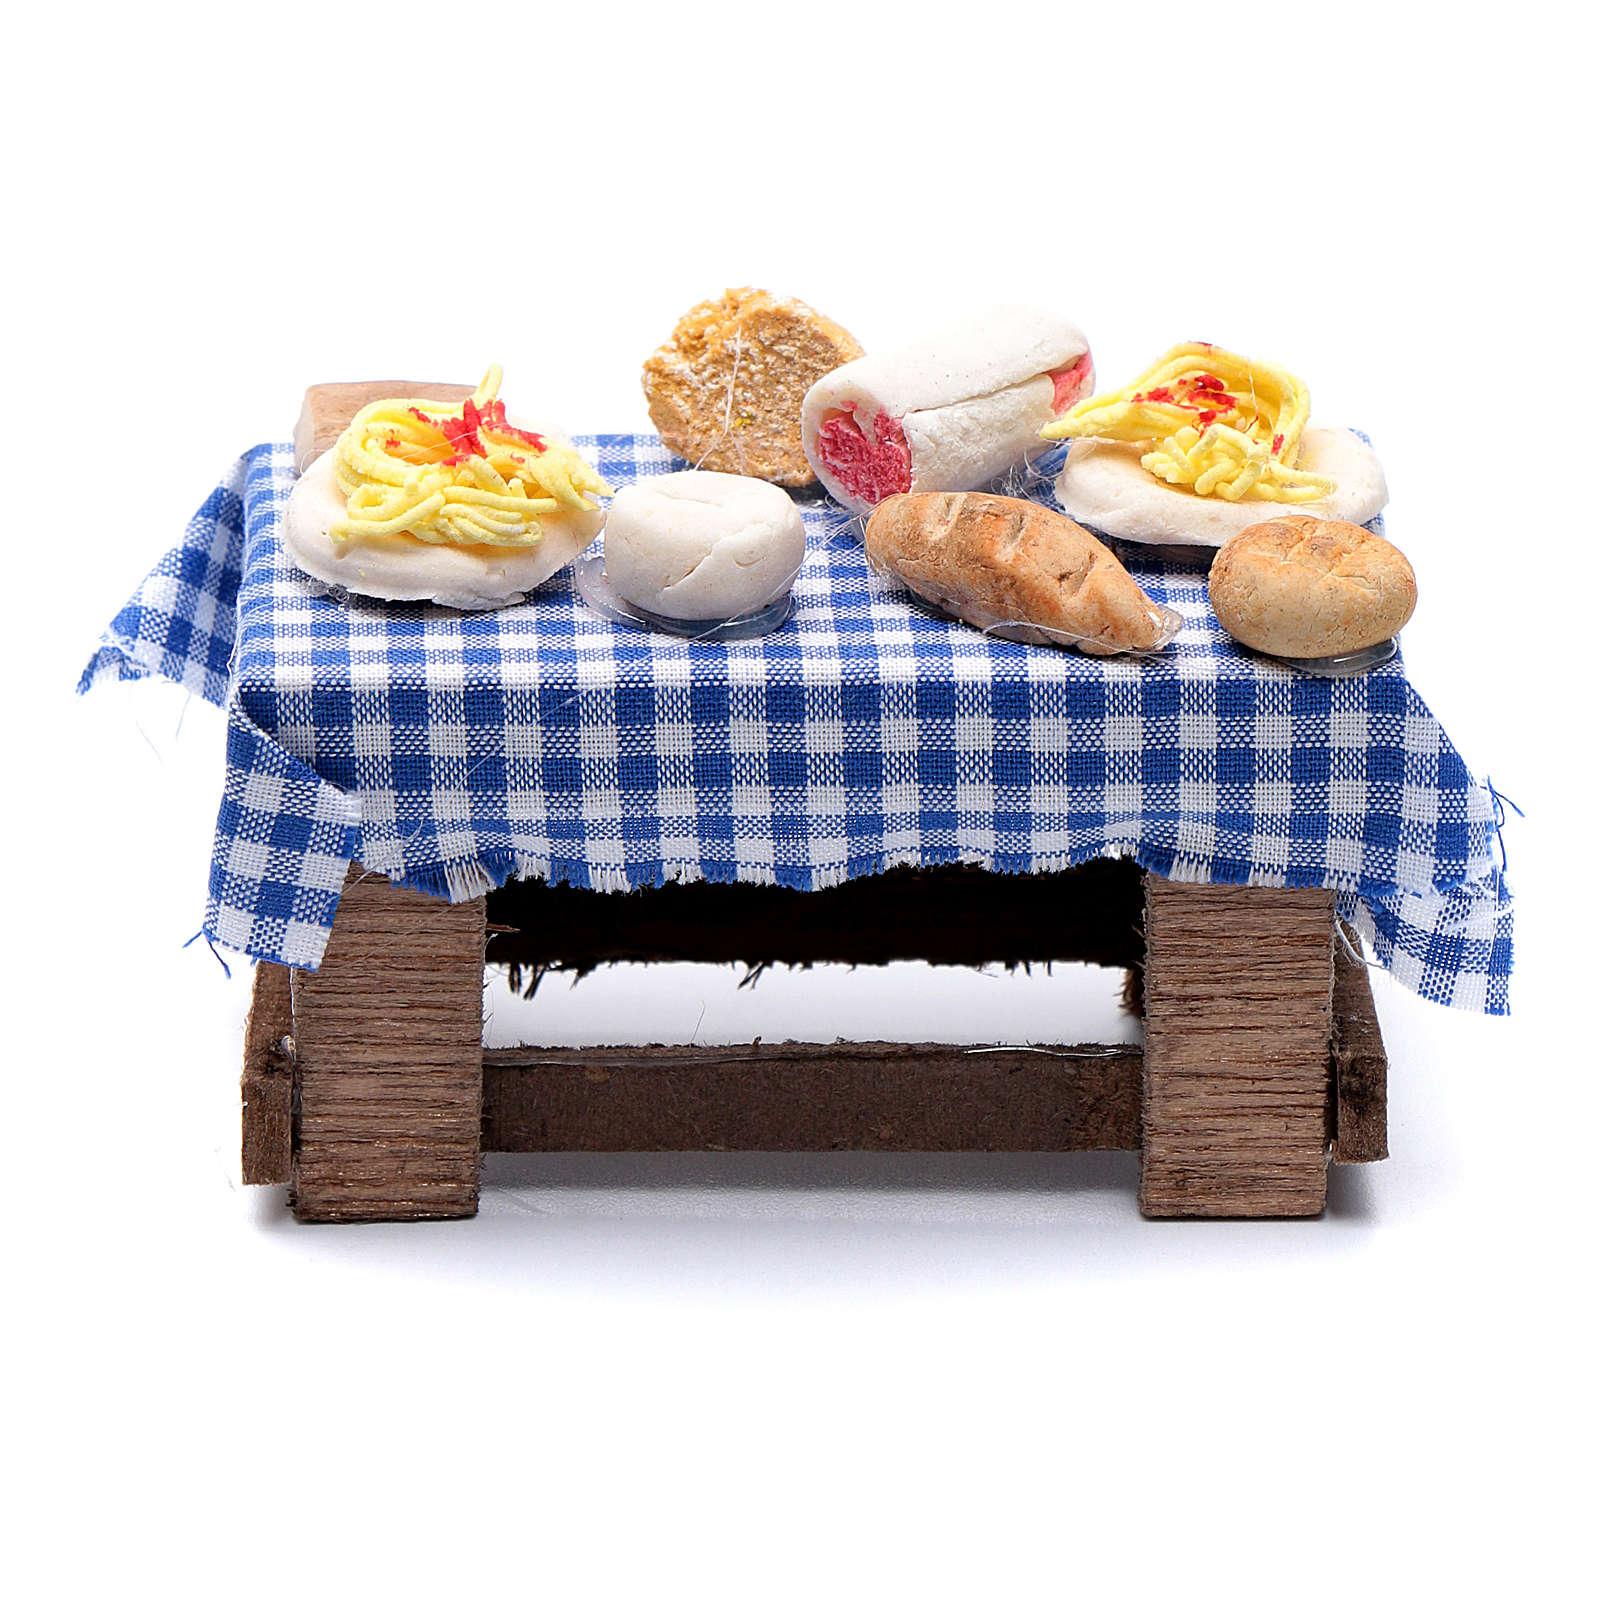 Mesa con comida 5x10x5 cm belén napolitano Hecho por Tí 4